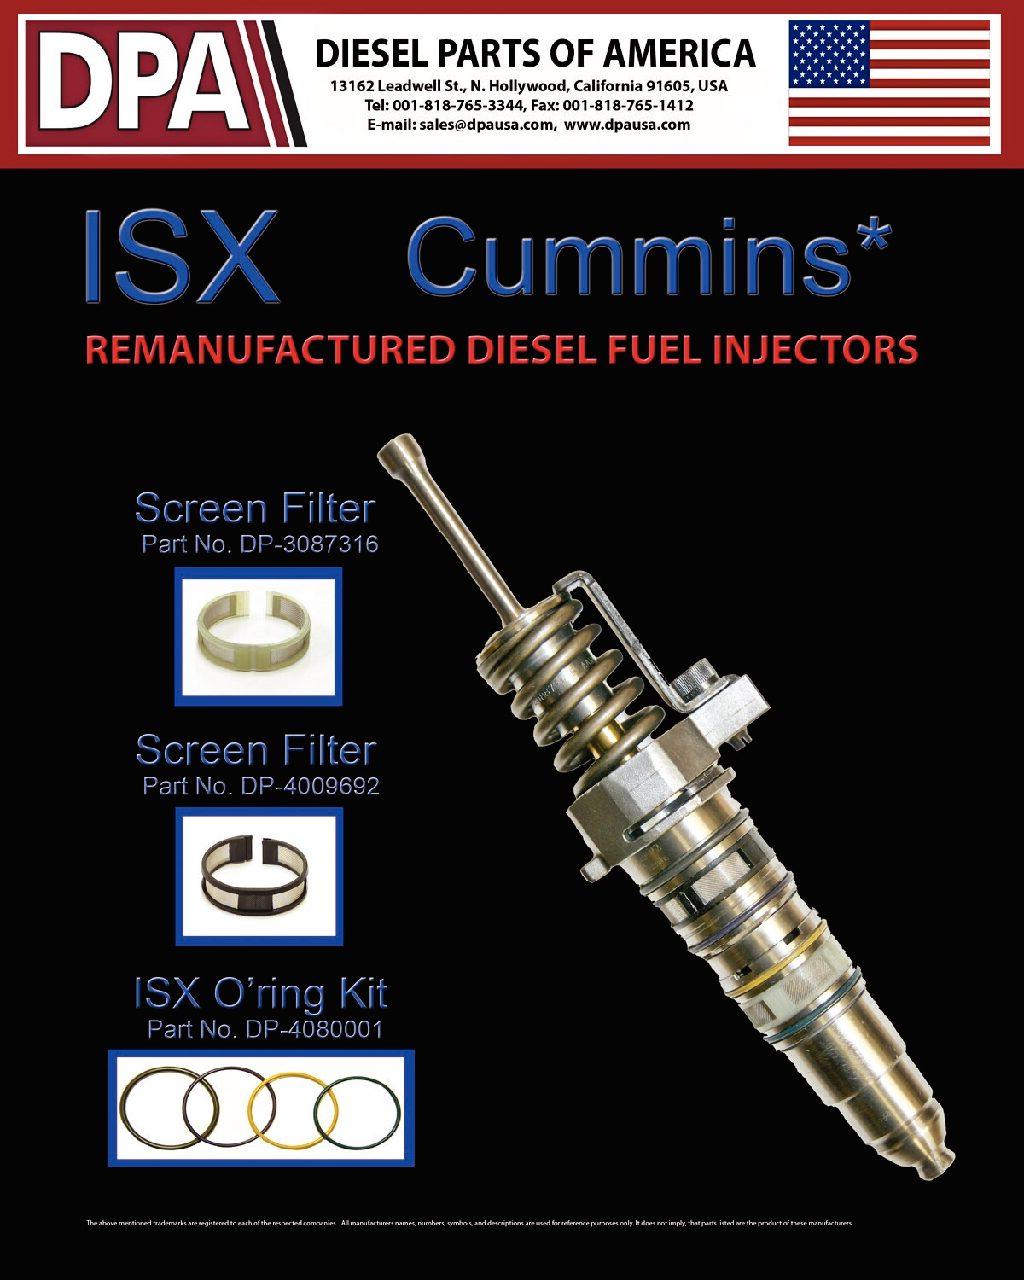 dpa_isx_injector-pdf.jpg